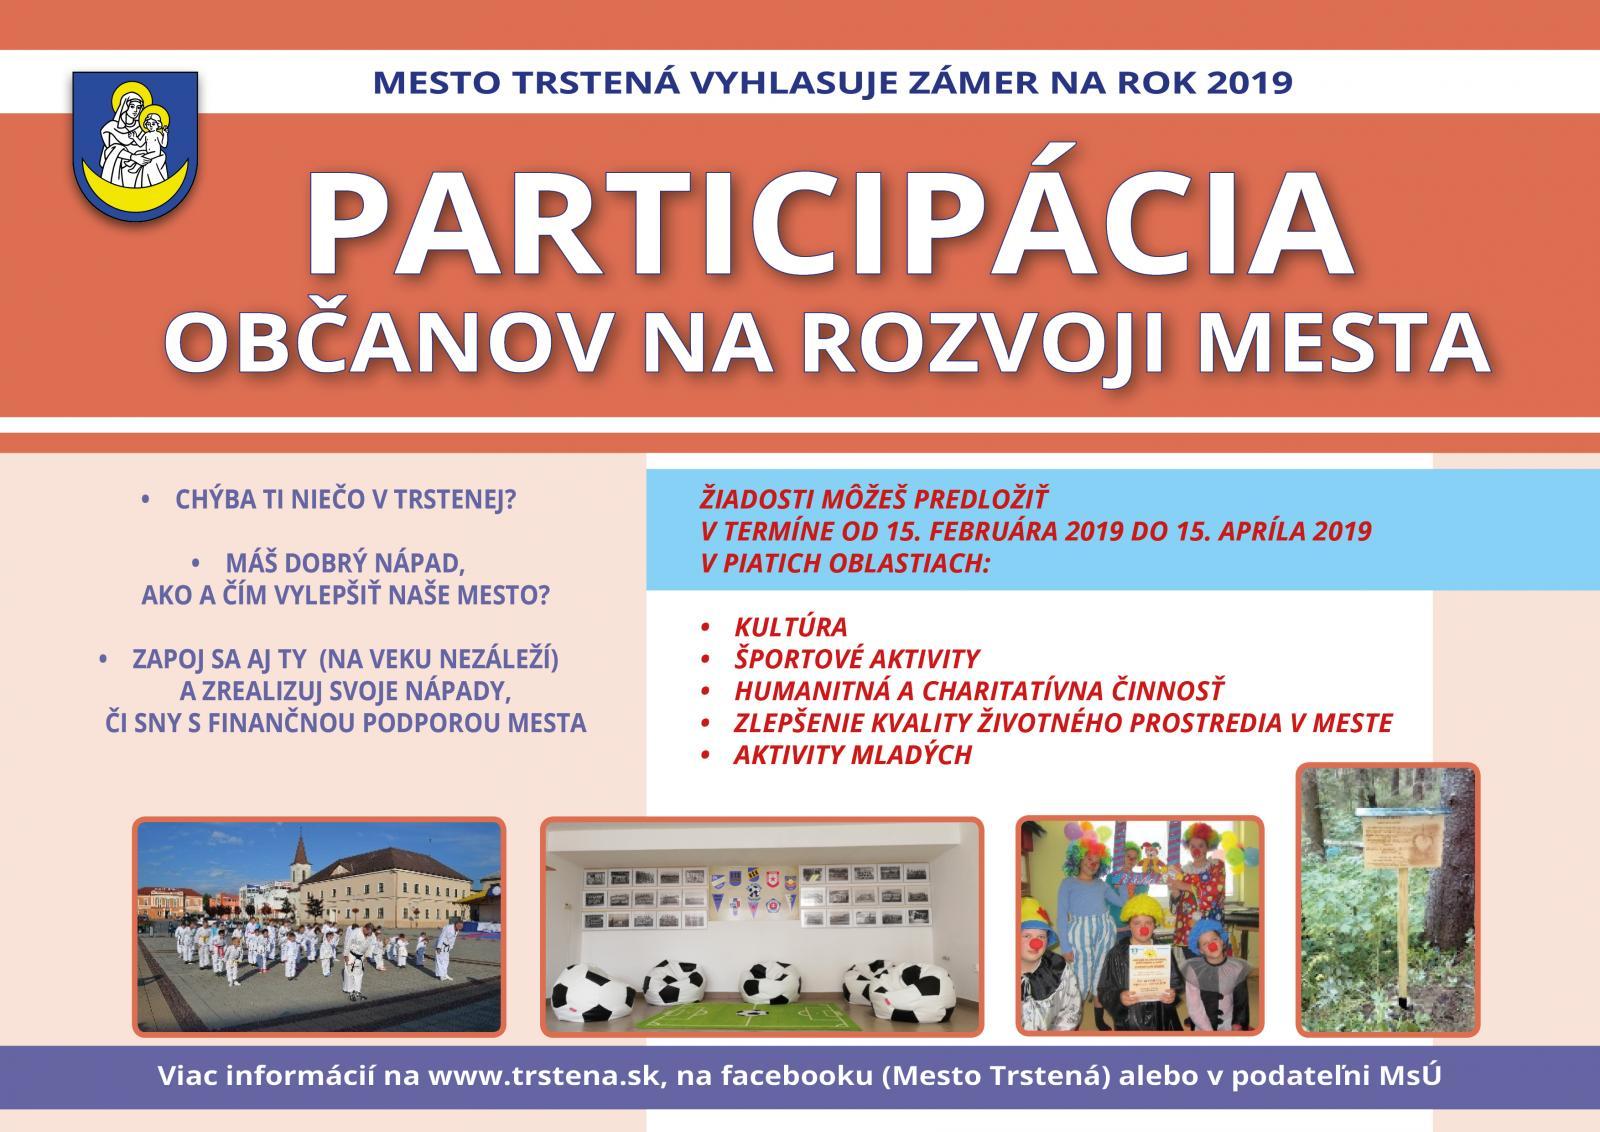 36840418e Mesto Trstená vyhlasuje už tretí ročník zámeru Participácia občanov ...